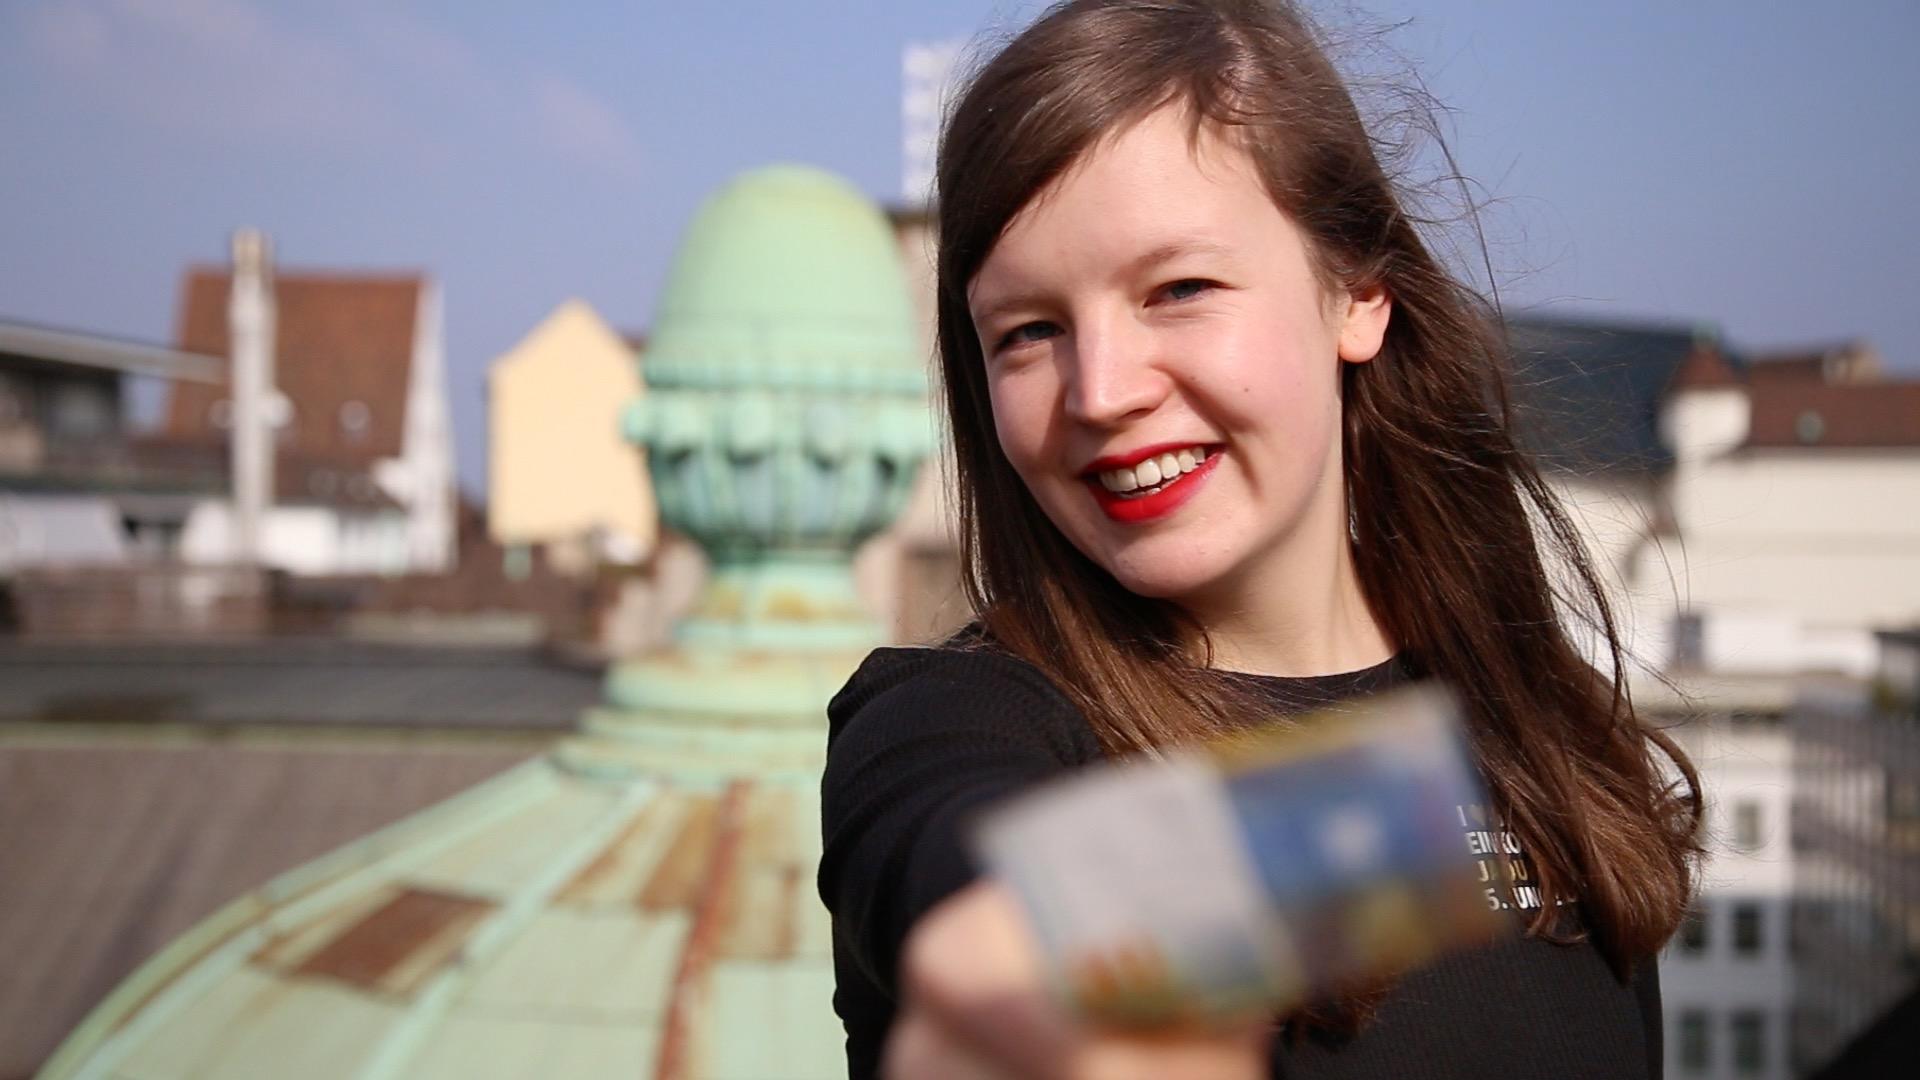 Eine junge Frau hält einen Flyer in die Kamera